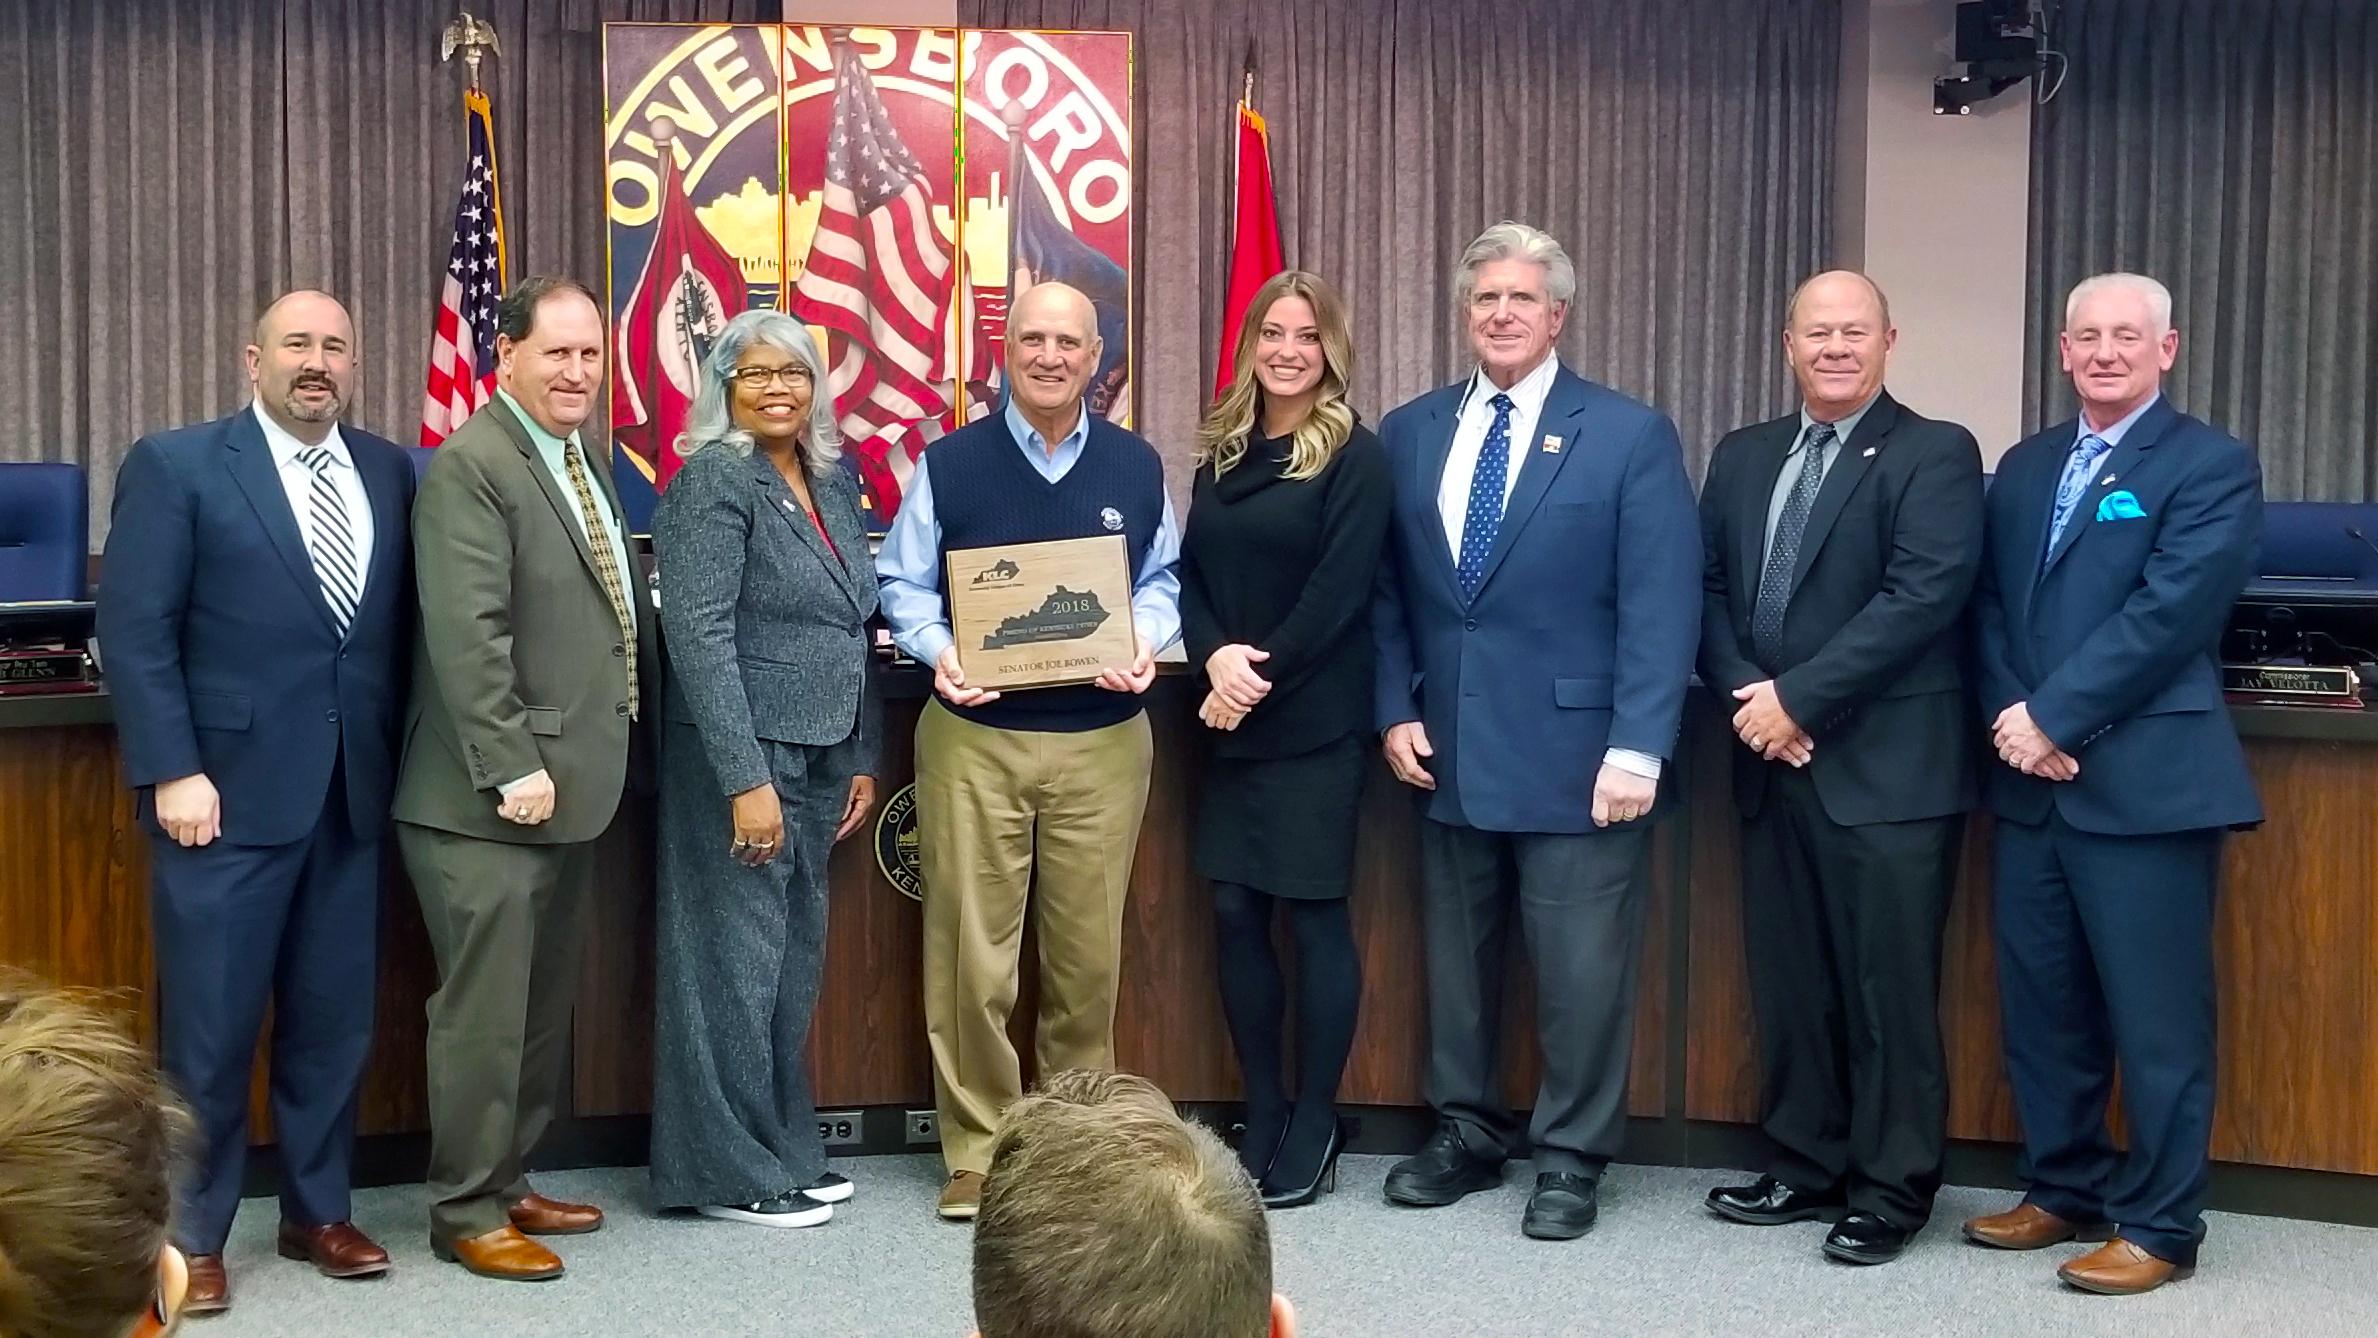 """Kentucky League of Cities Recognizes Senator Joe Bowen as 2018 """"Friend of Kentucky Cities"""""""